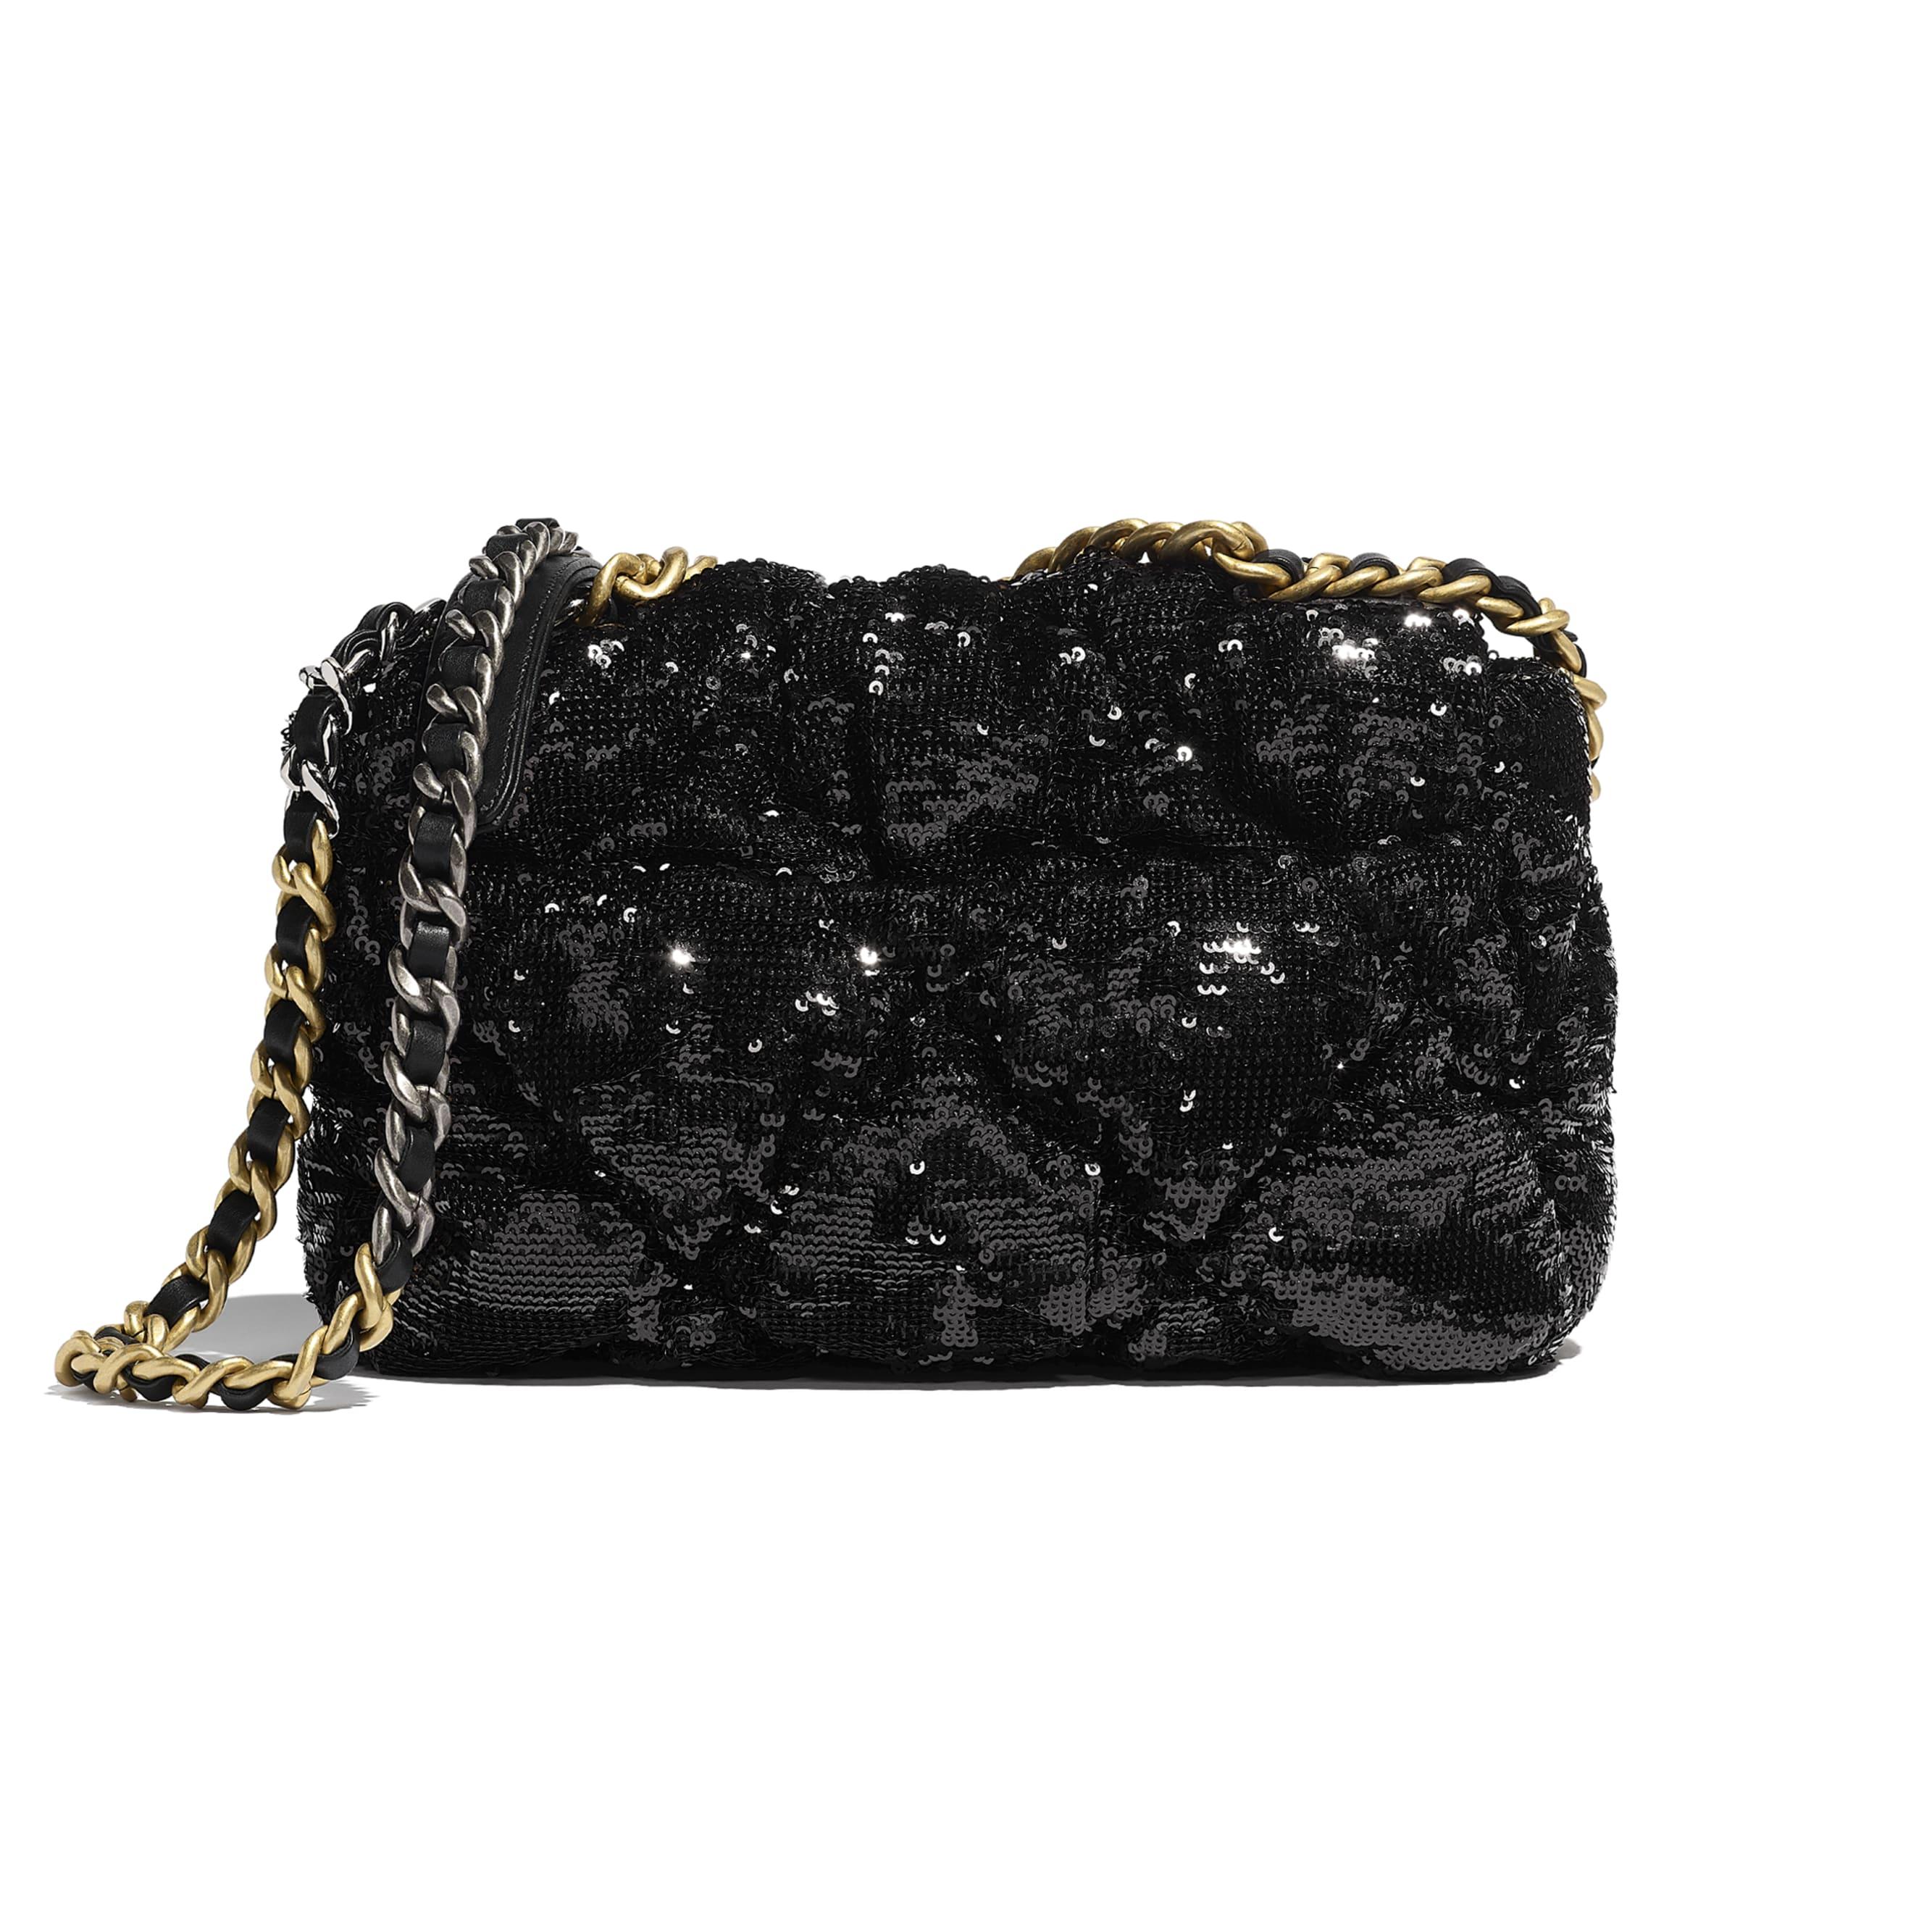 Bolsa CHANEL 19 - Black - Sequins, Gold-Tone, Siver-Tone & Ruthenium-Finish Metal - CHANEL - Vista alternativa - ver a versão em tamanho standard